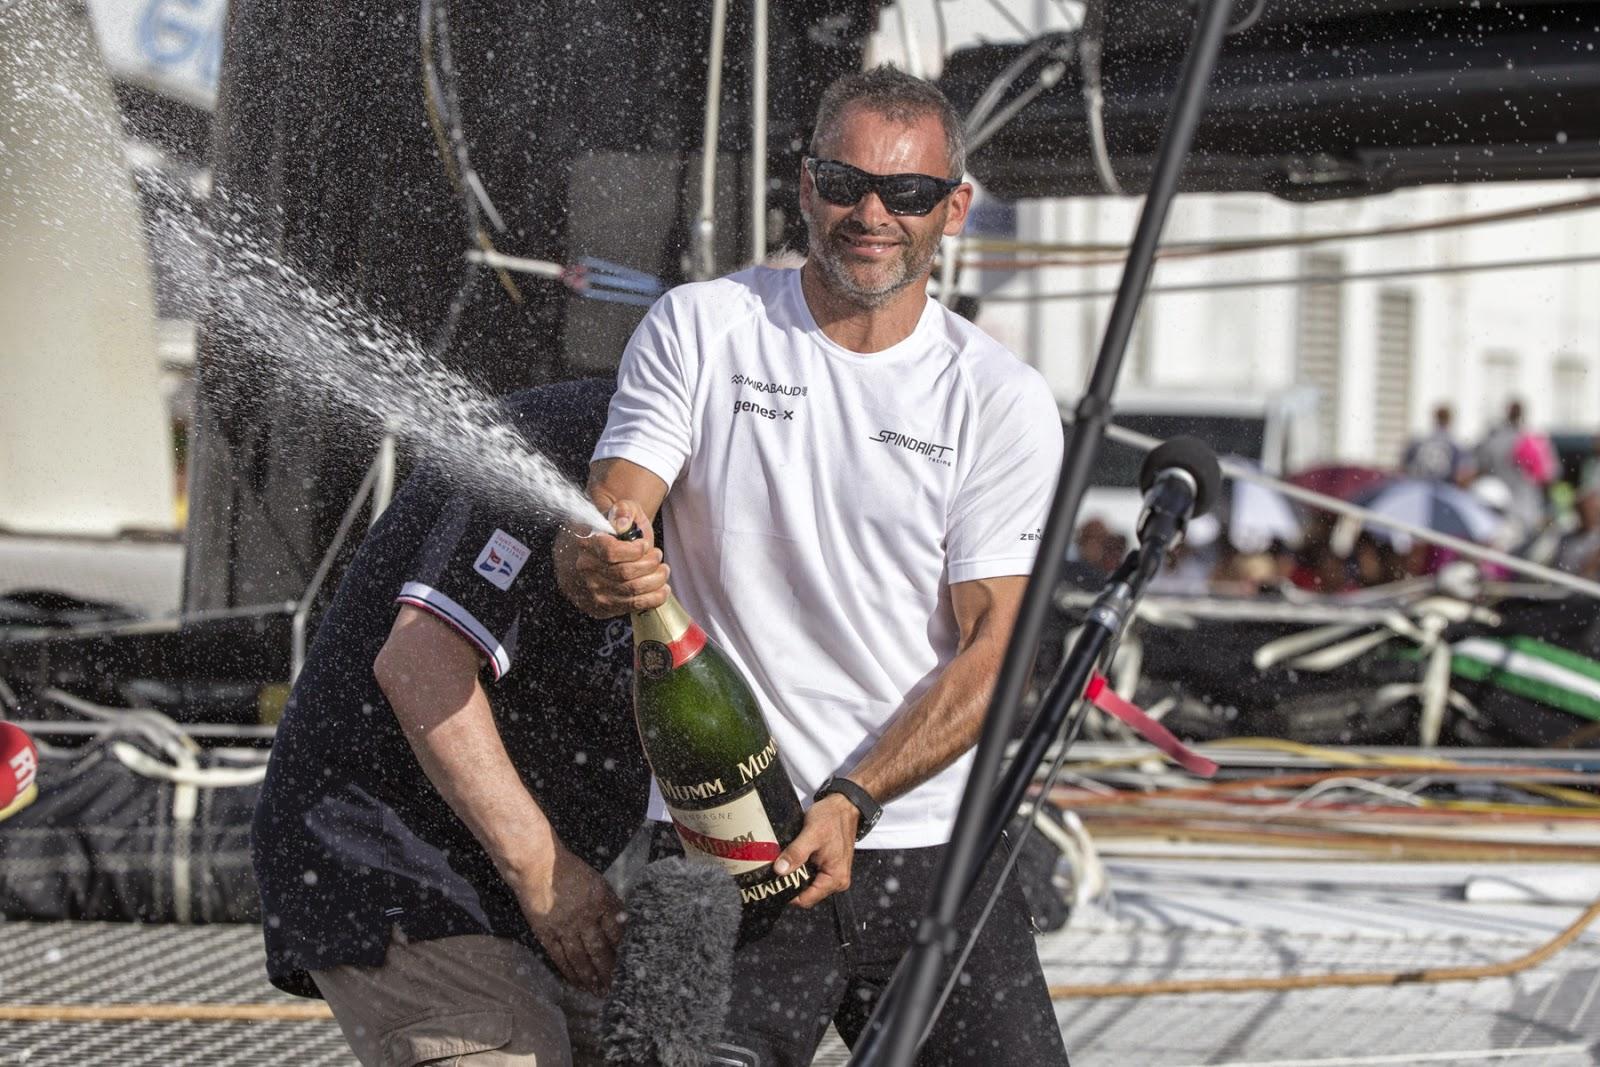 Yann Guichard 2e de la Route du Rhum avecSpindrift 2. Champagne !